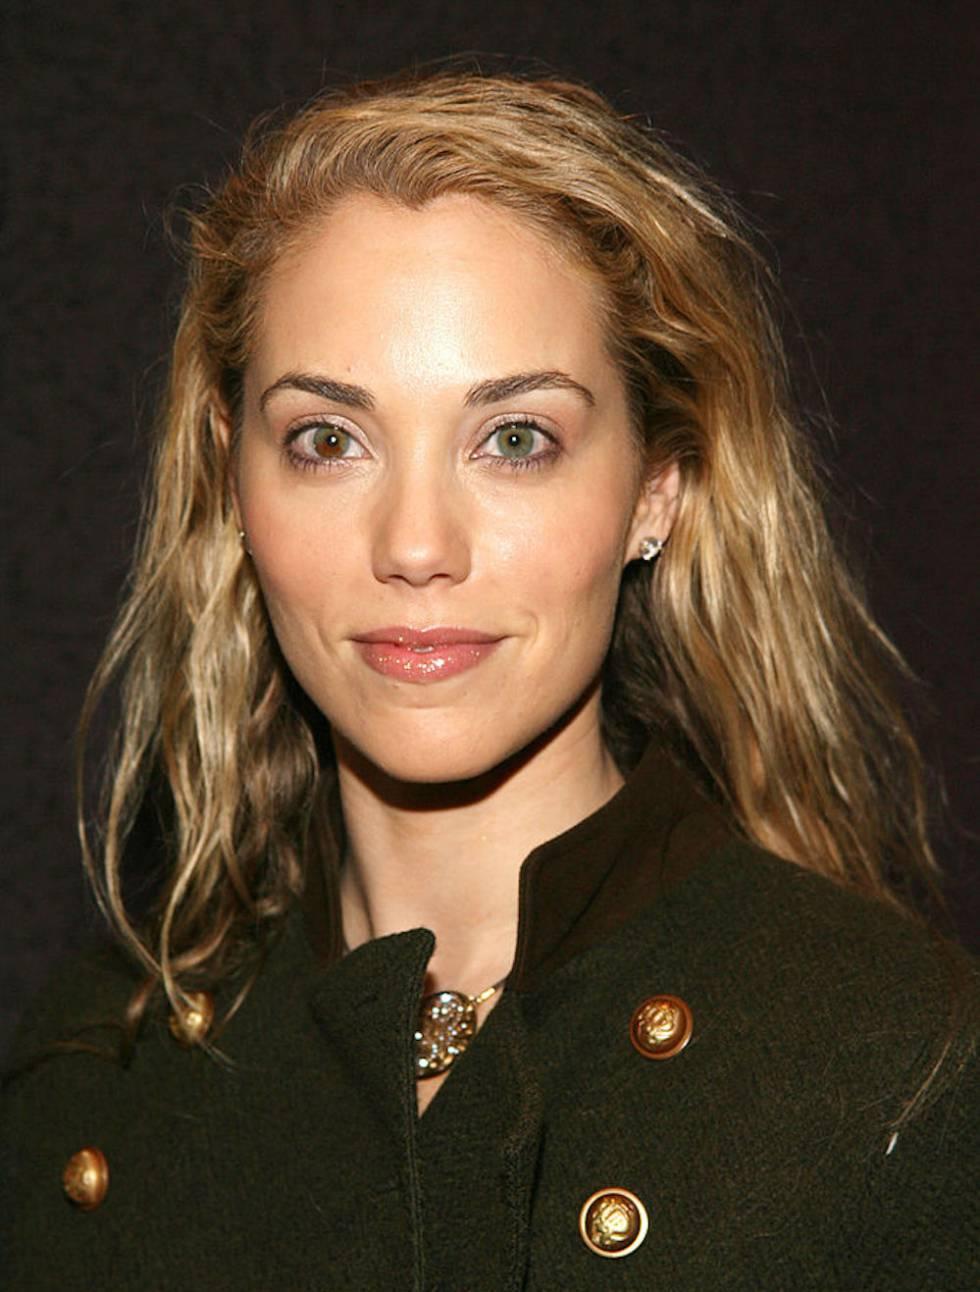 Elizabeth Berkeley en el estreno de 'La fuente de la vida' en Nueva York en 2006.